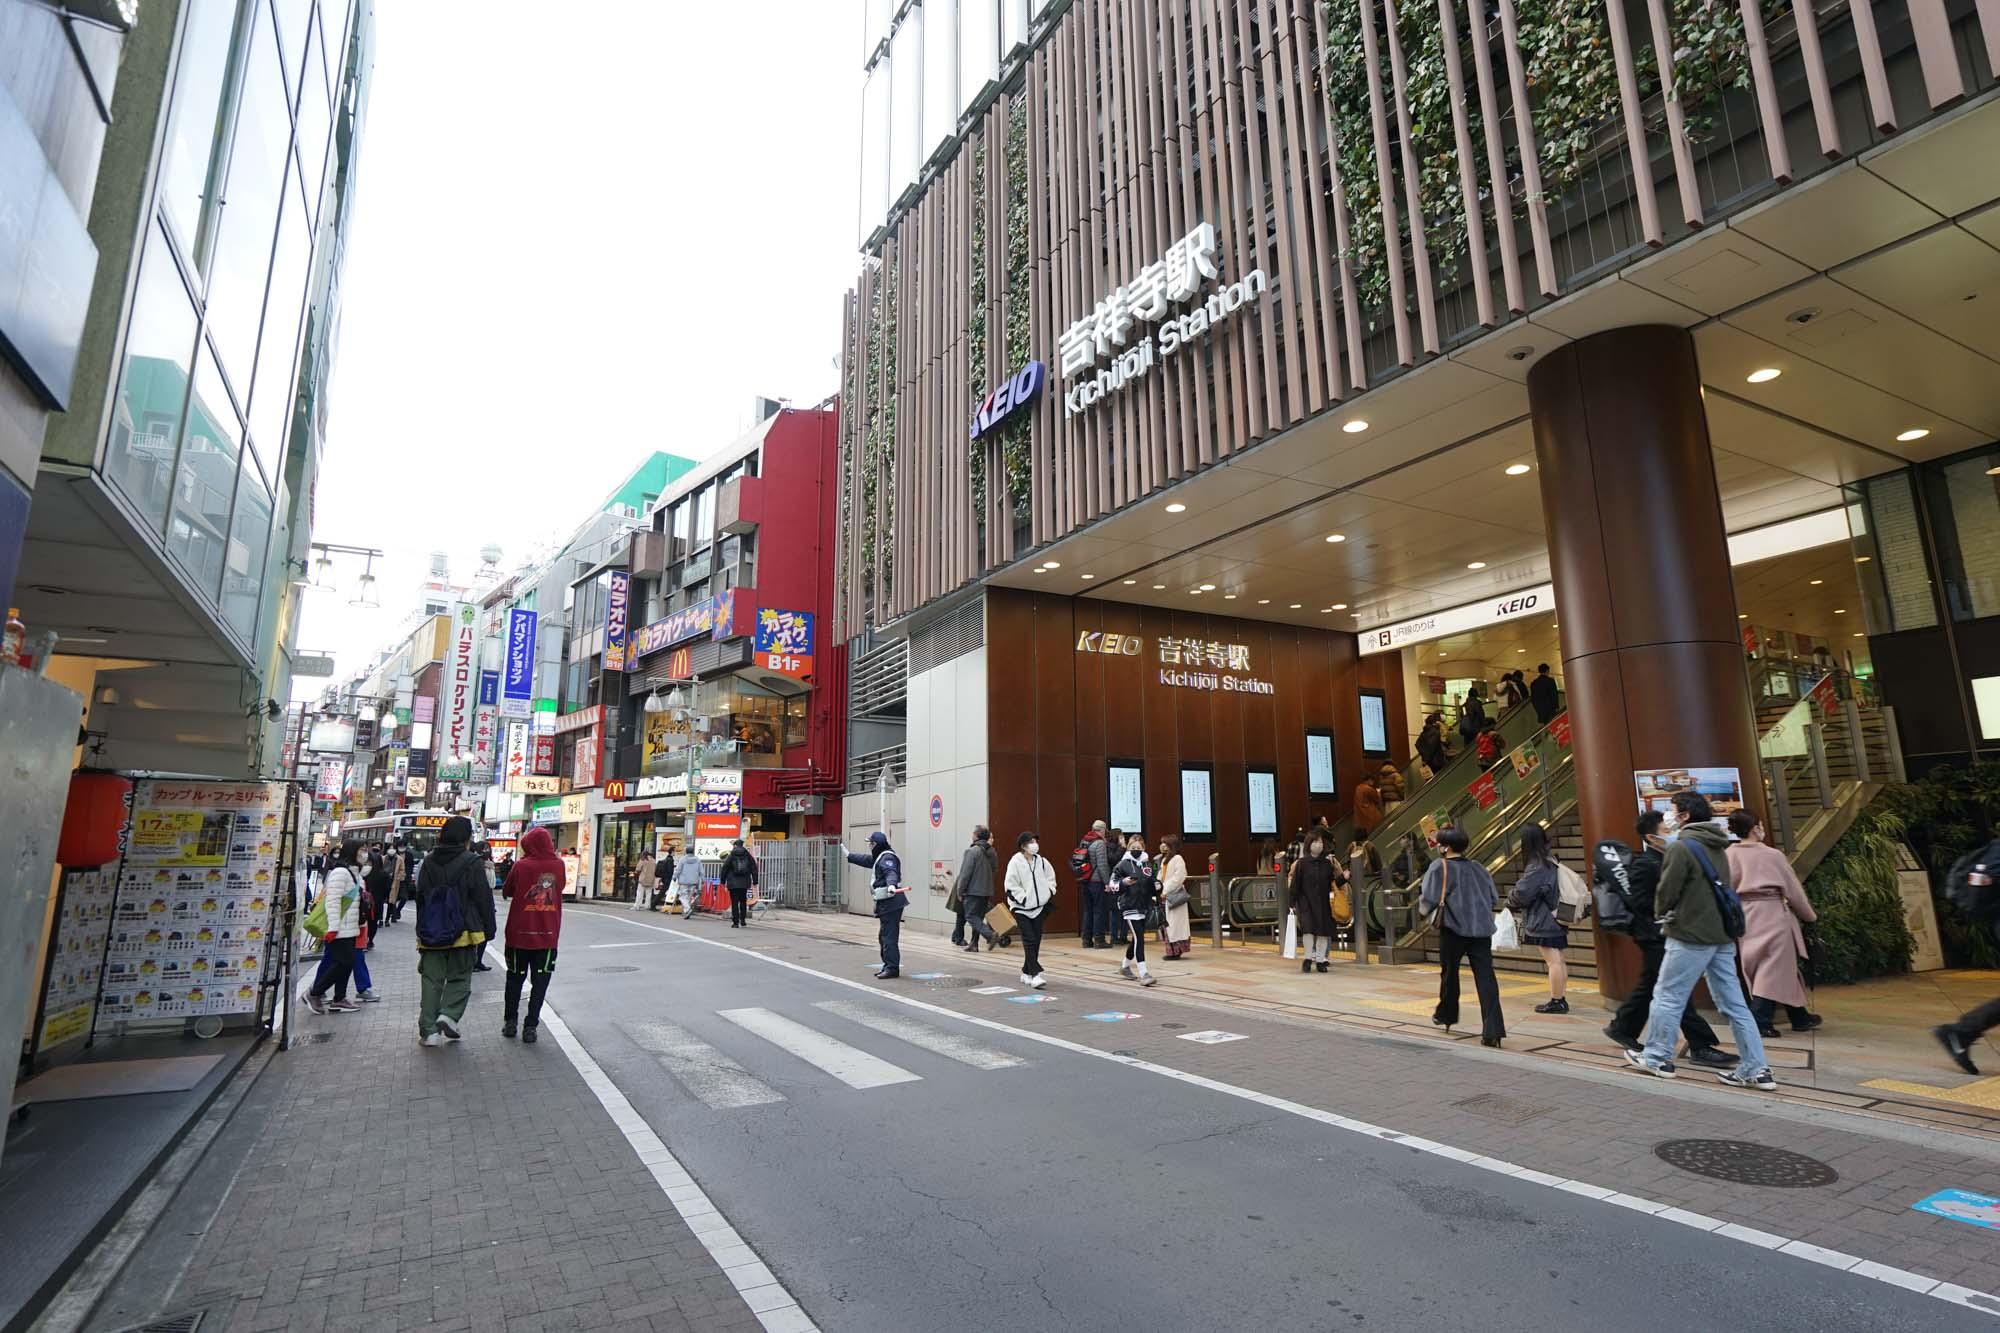 吉祥寺駅の南側にある「公園口」。井の頭線の改札もJRの改札もすぐです。井の頭線の駅ビル「キラリナ京王吉祥寺」、JRの駅ビル「アトレ」にもそれぞれ直結しています。